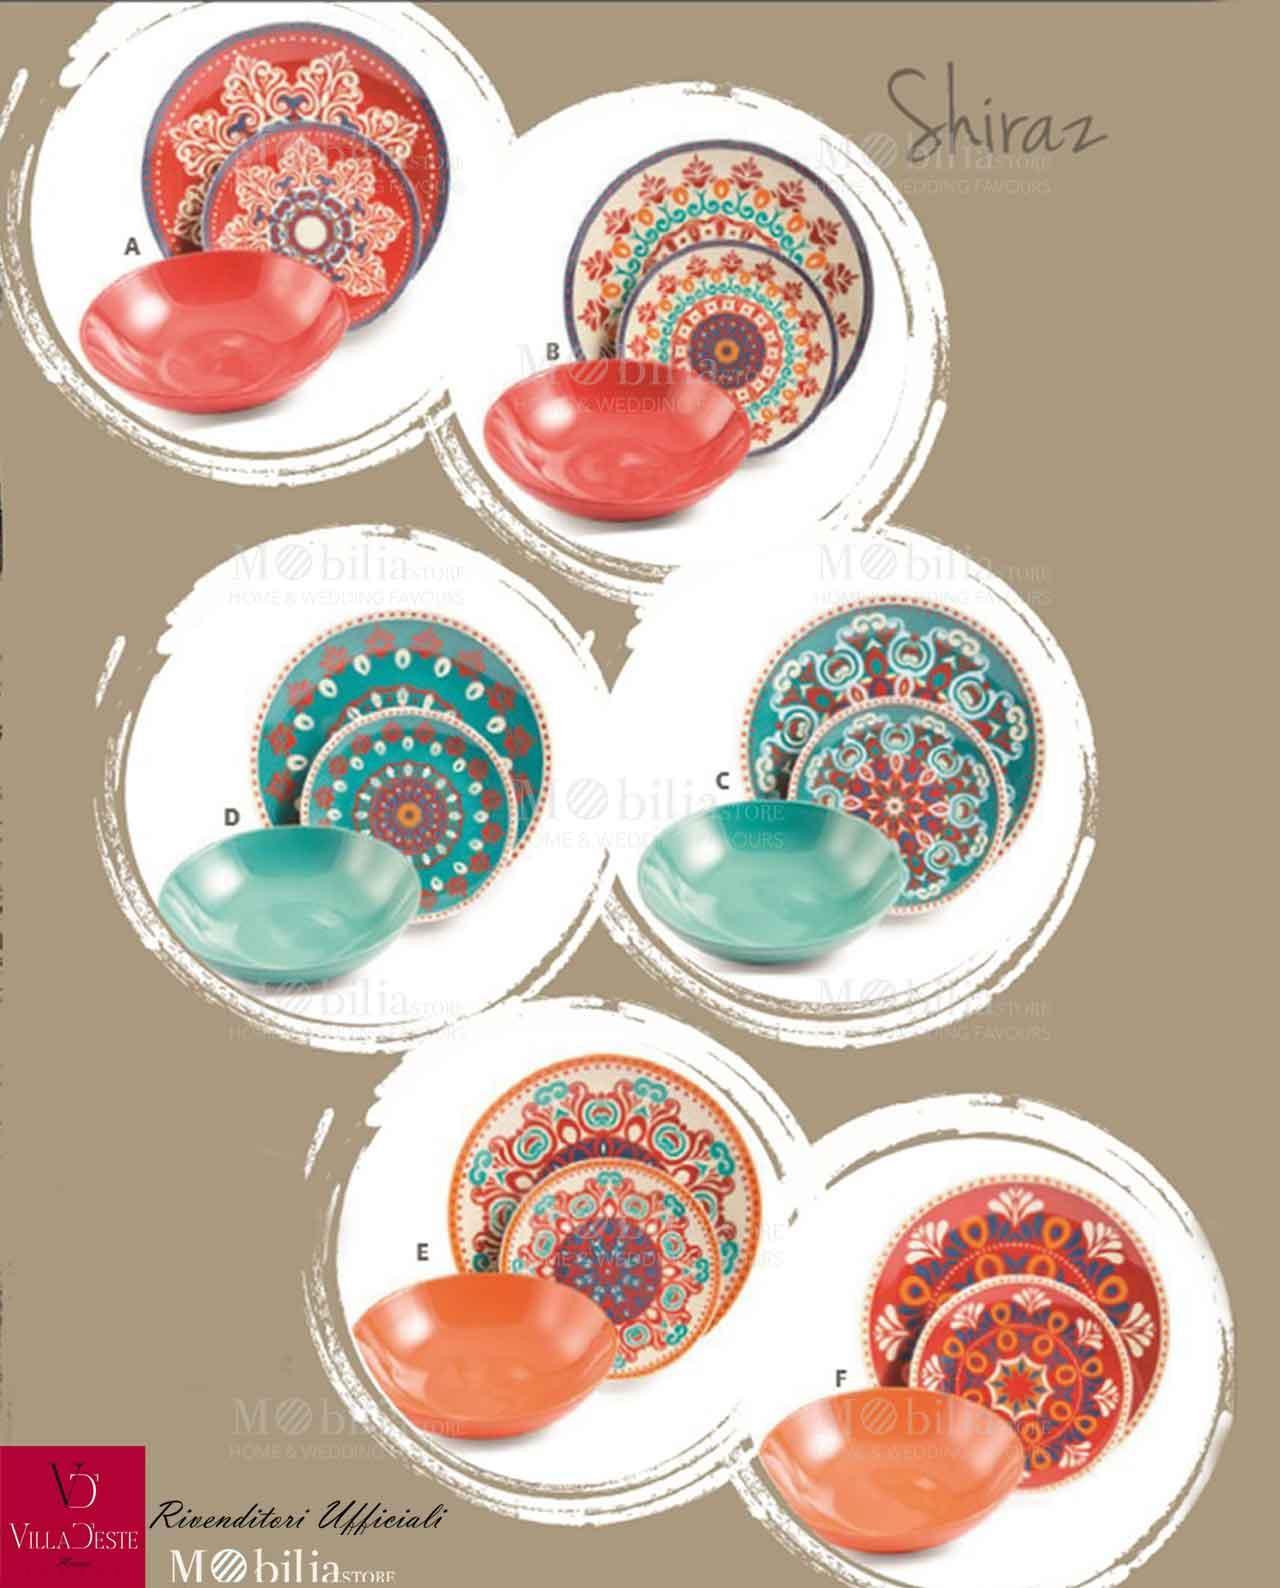 Servizio di piatti collezione sharaz mobilia store home for Servizio di piatti